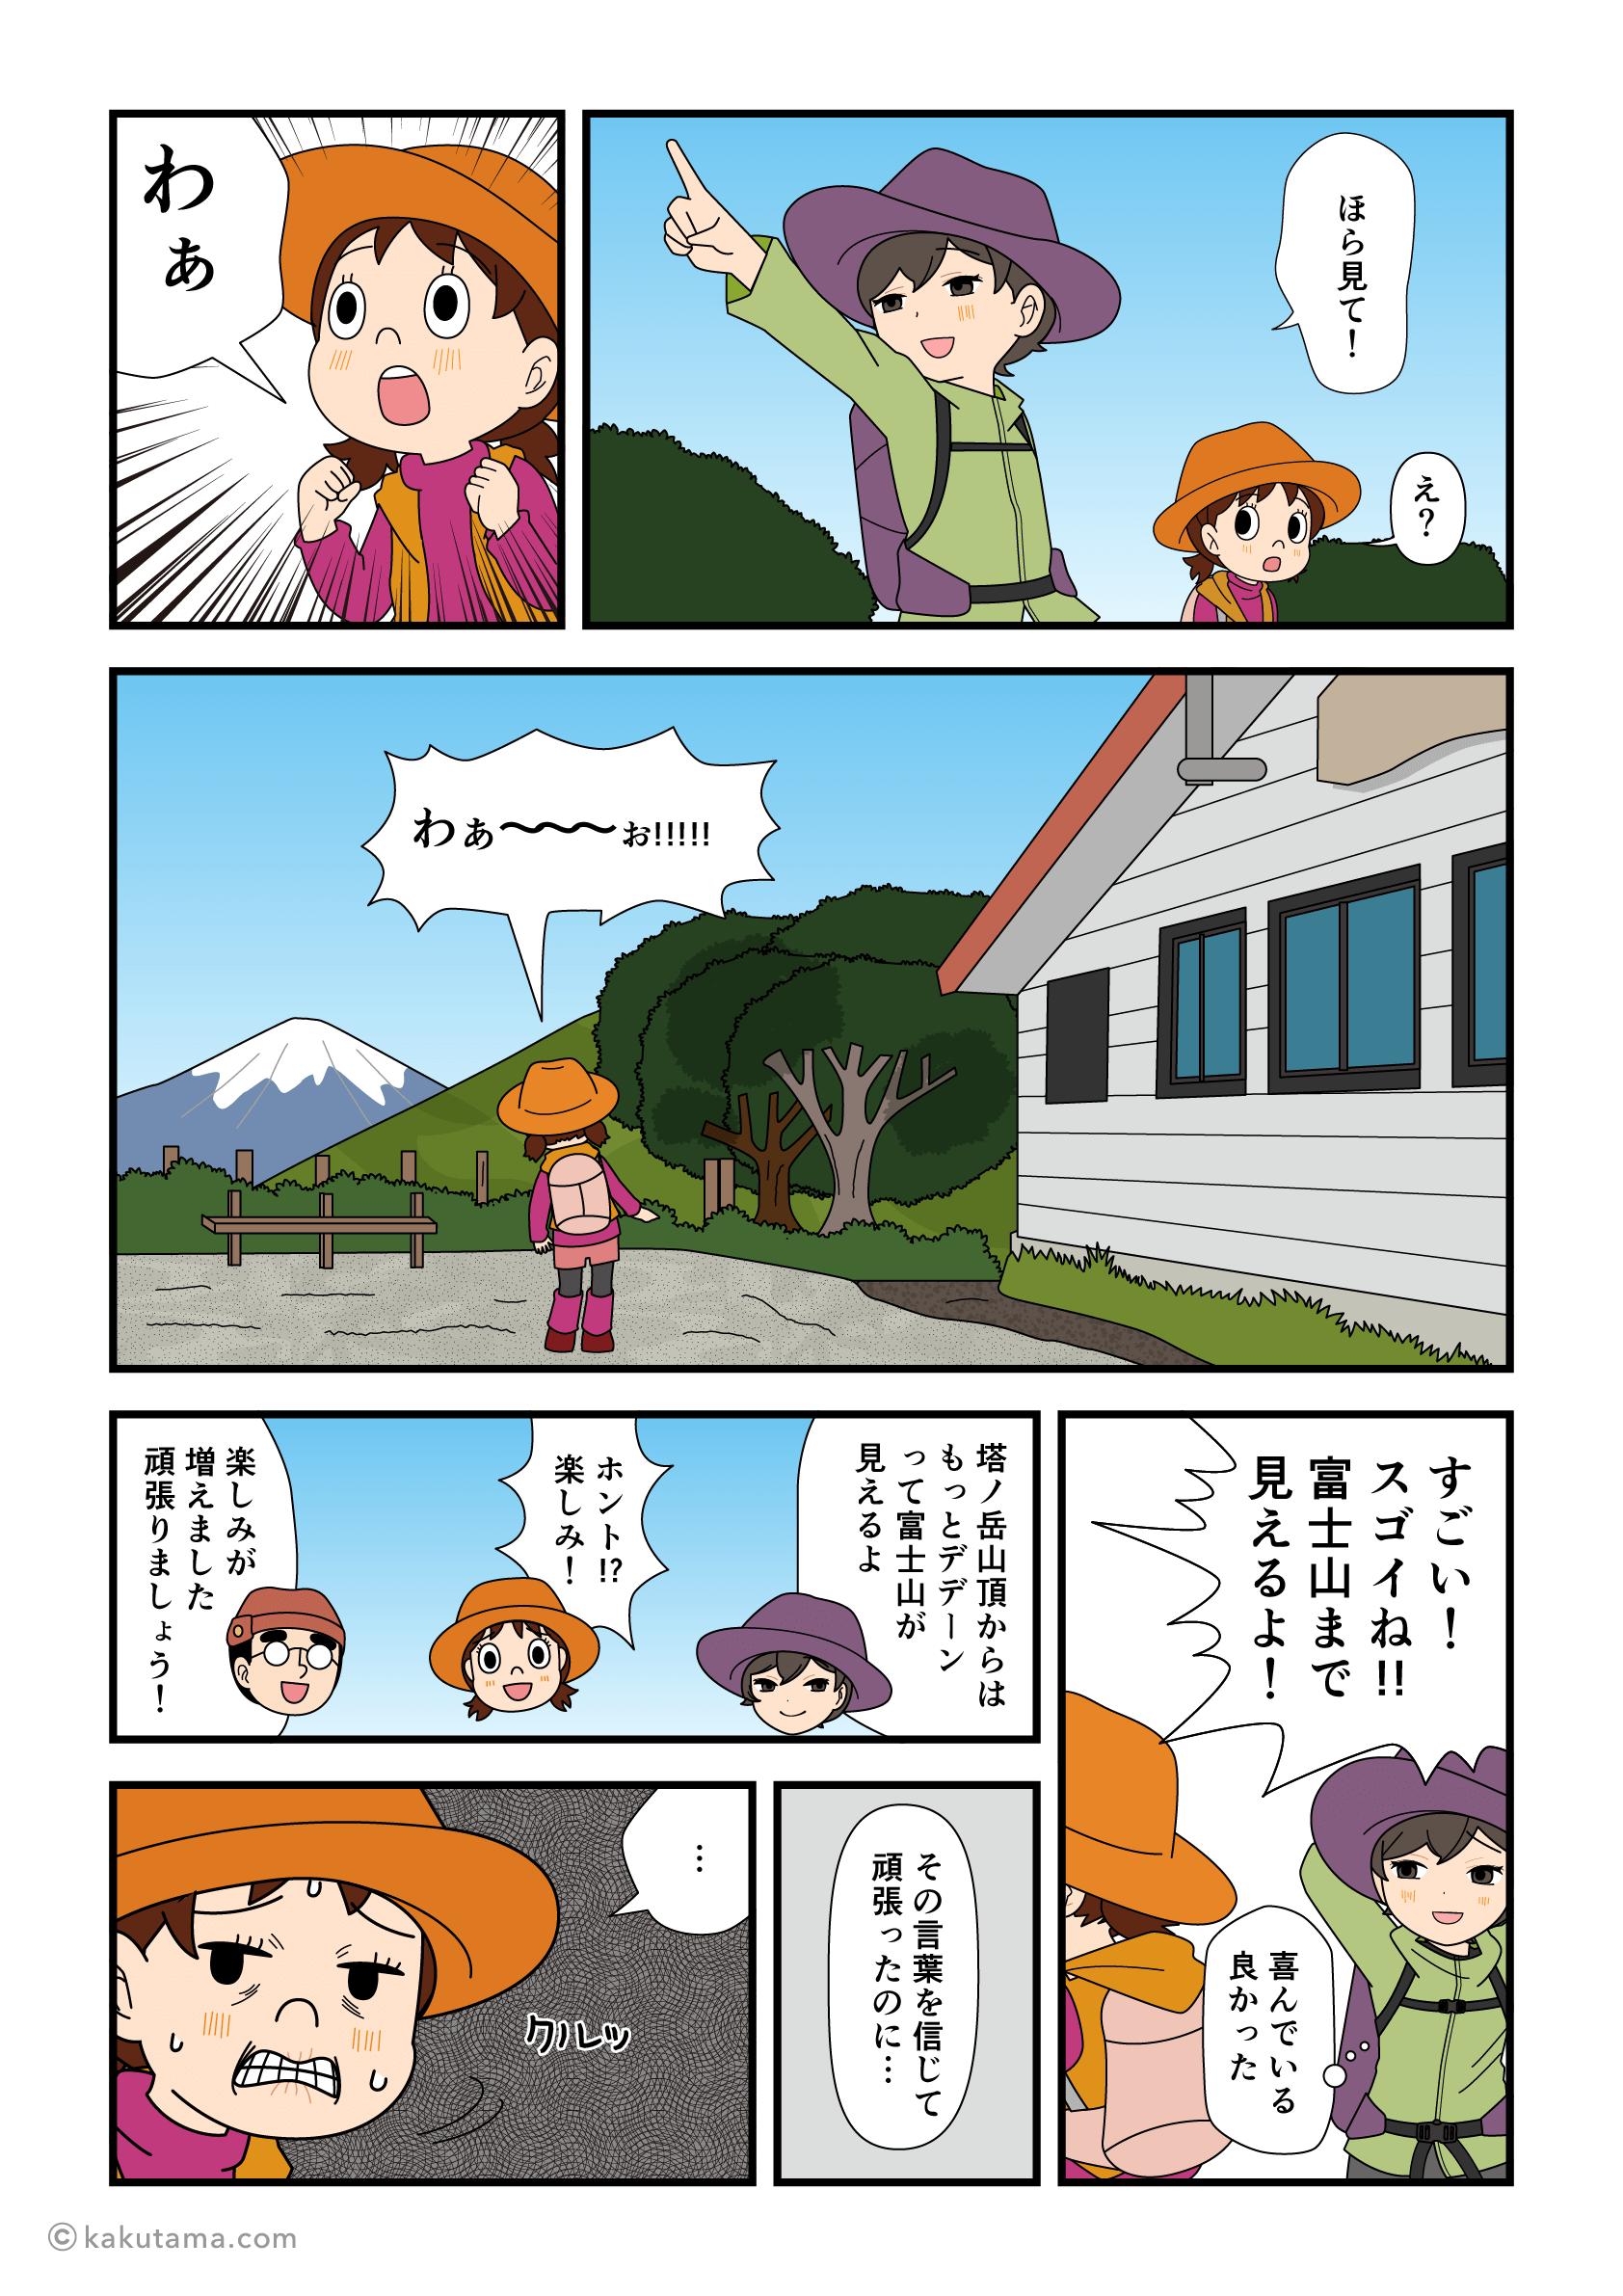 花立山荘から見る富士山に感動する登山者の漫画